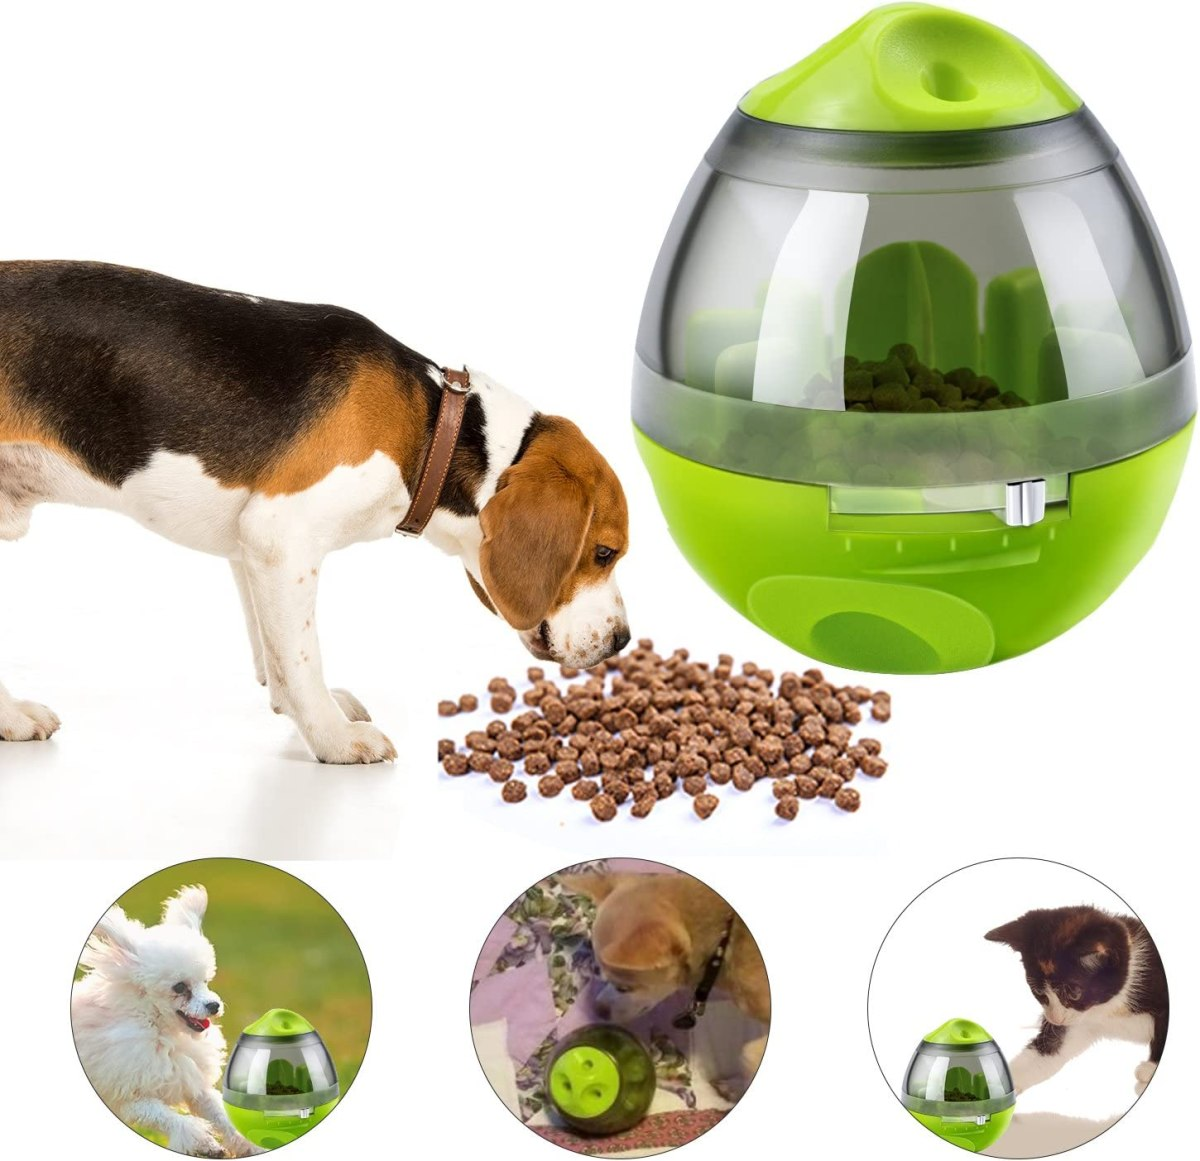 Alimentador de Comida para Perros, Yokunat Bola de Tratamiento IQ Rompecabezas Juguetes Interactivos Educativos Dispensadora de Comida con Ajuste de Dificultad para Mascotas Pequeños y Medianos